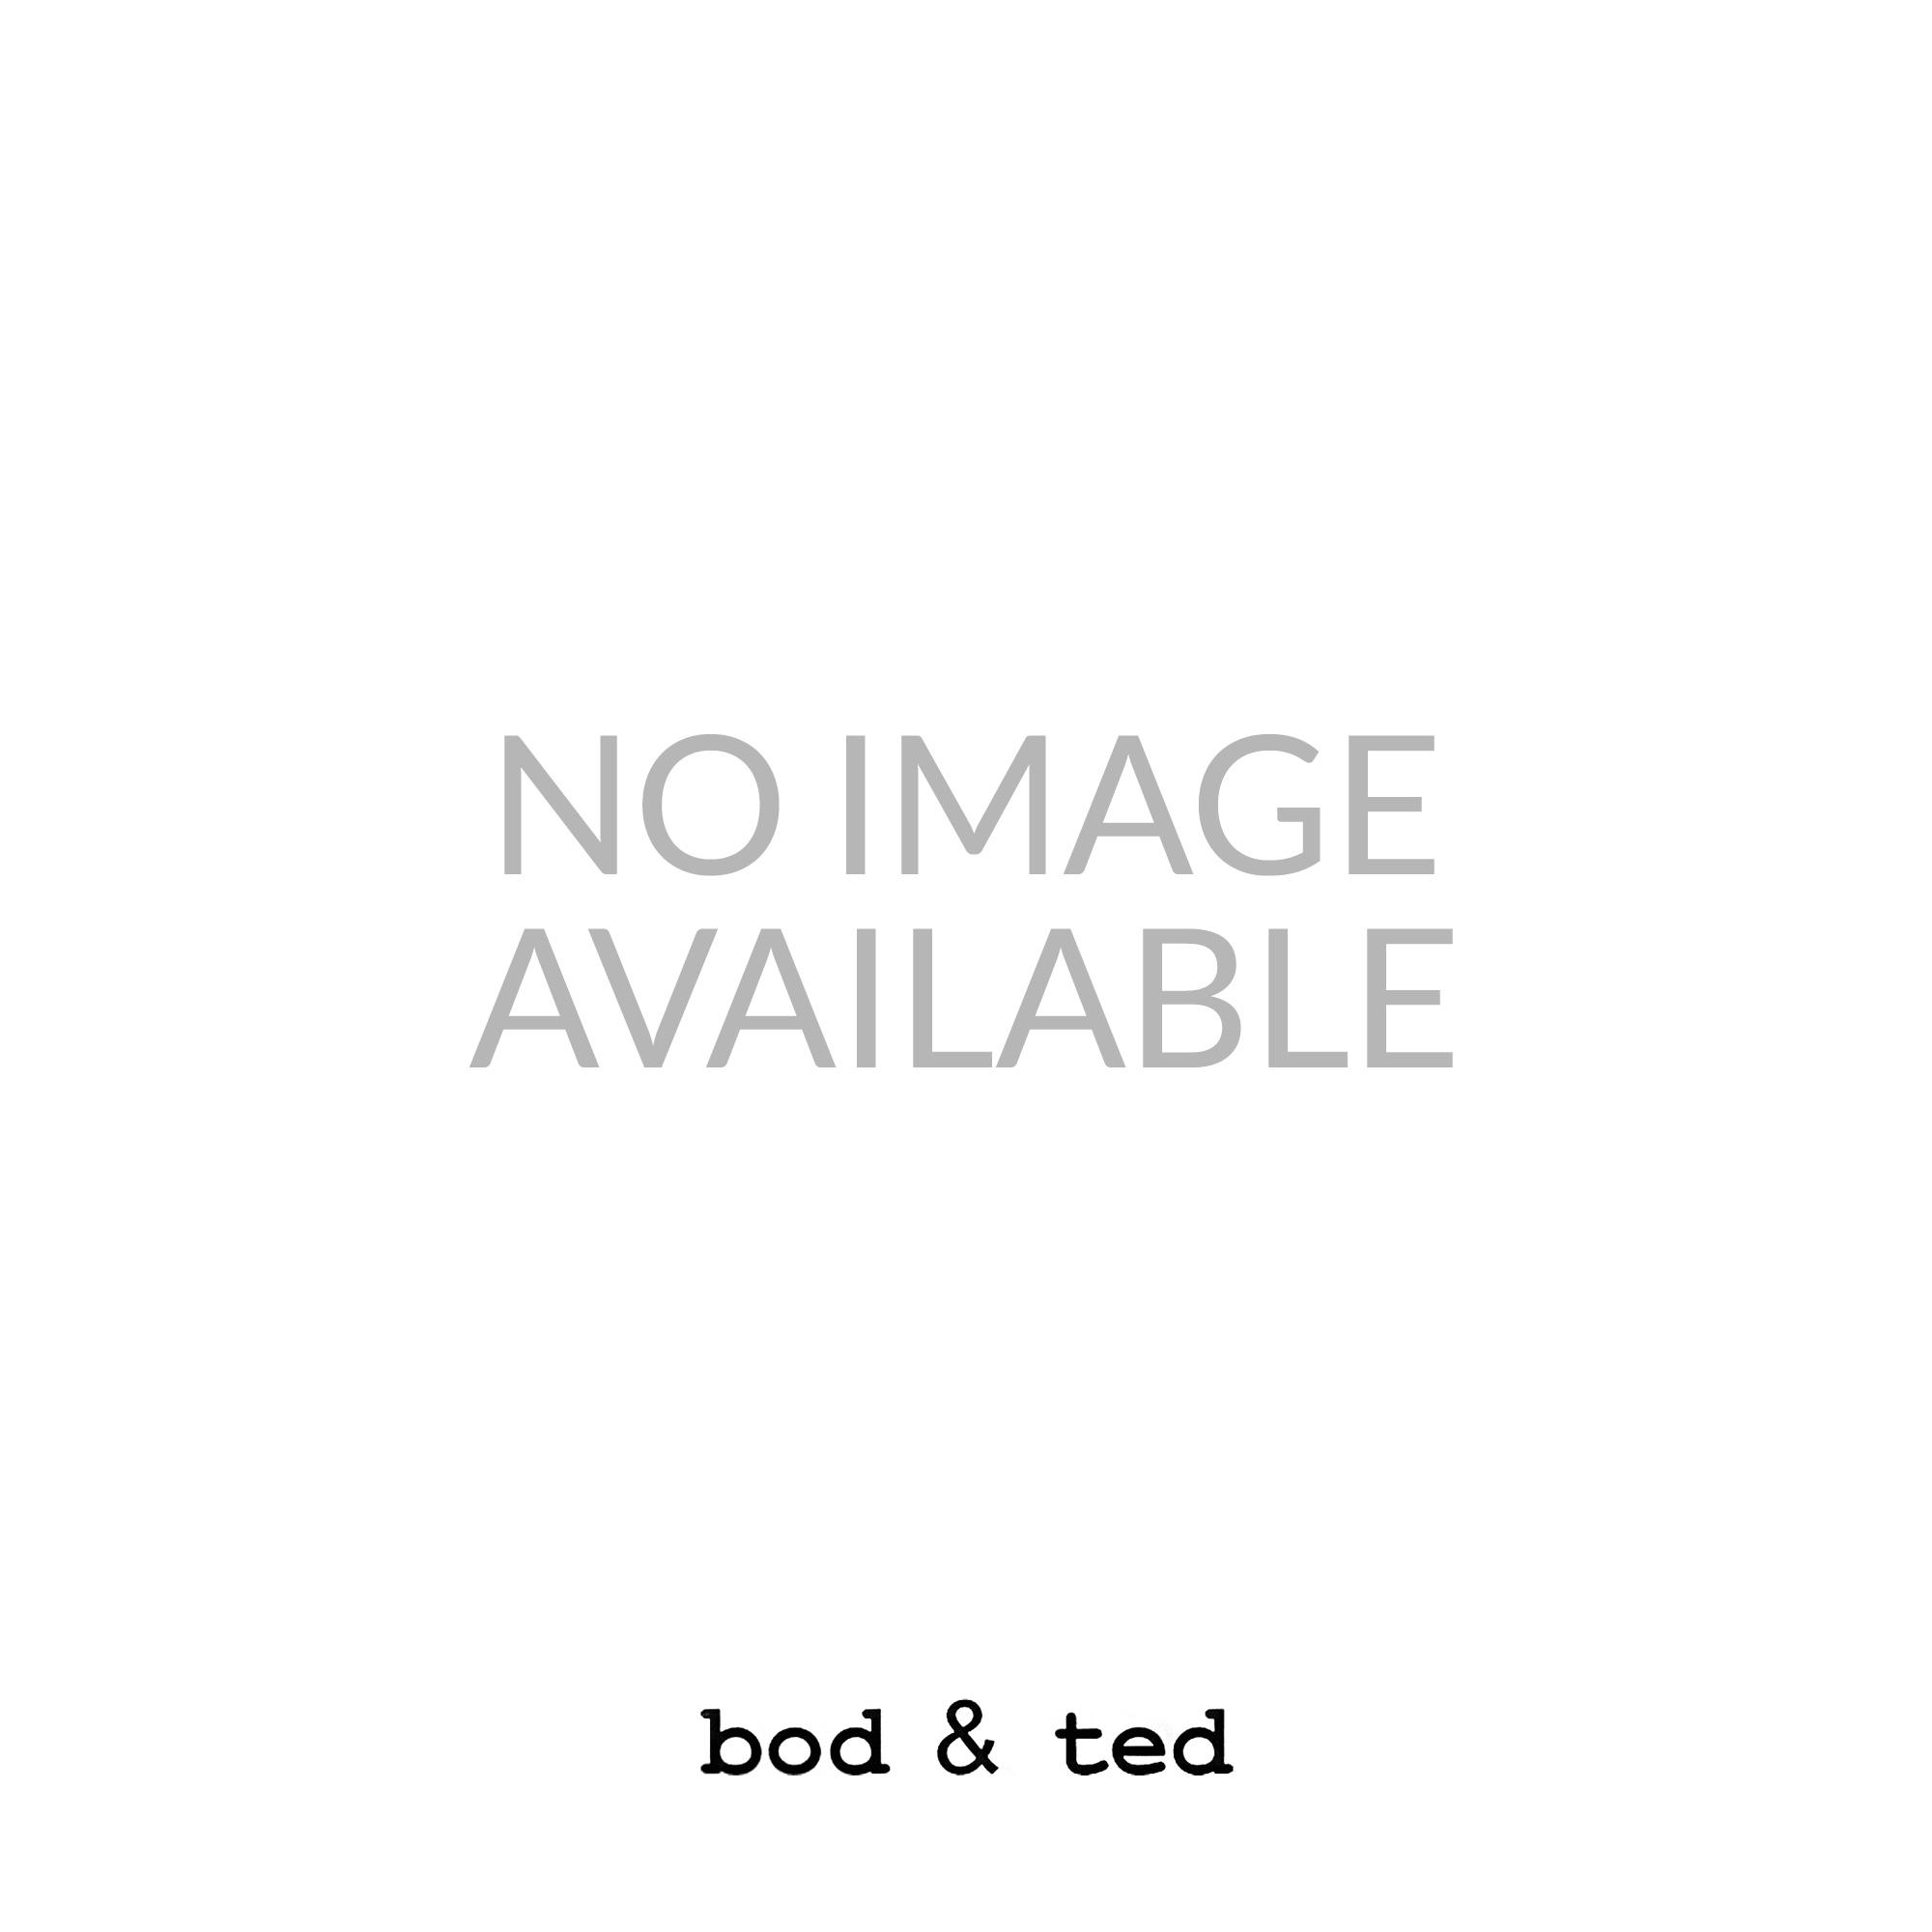 Vikki Midi Dres in Black